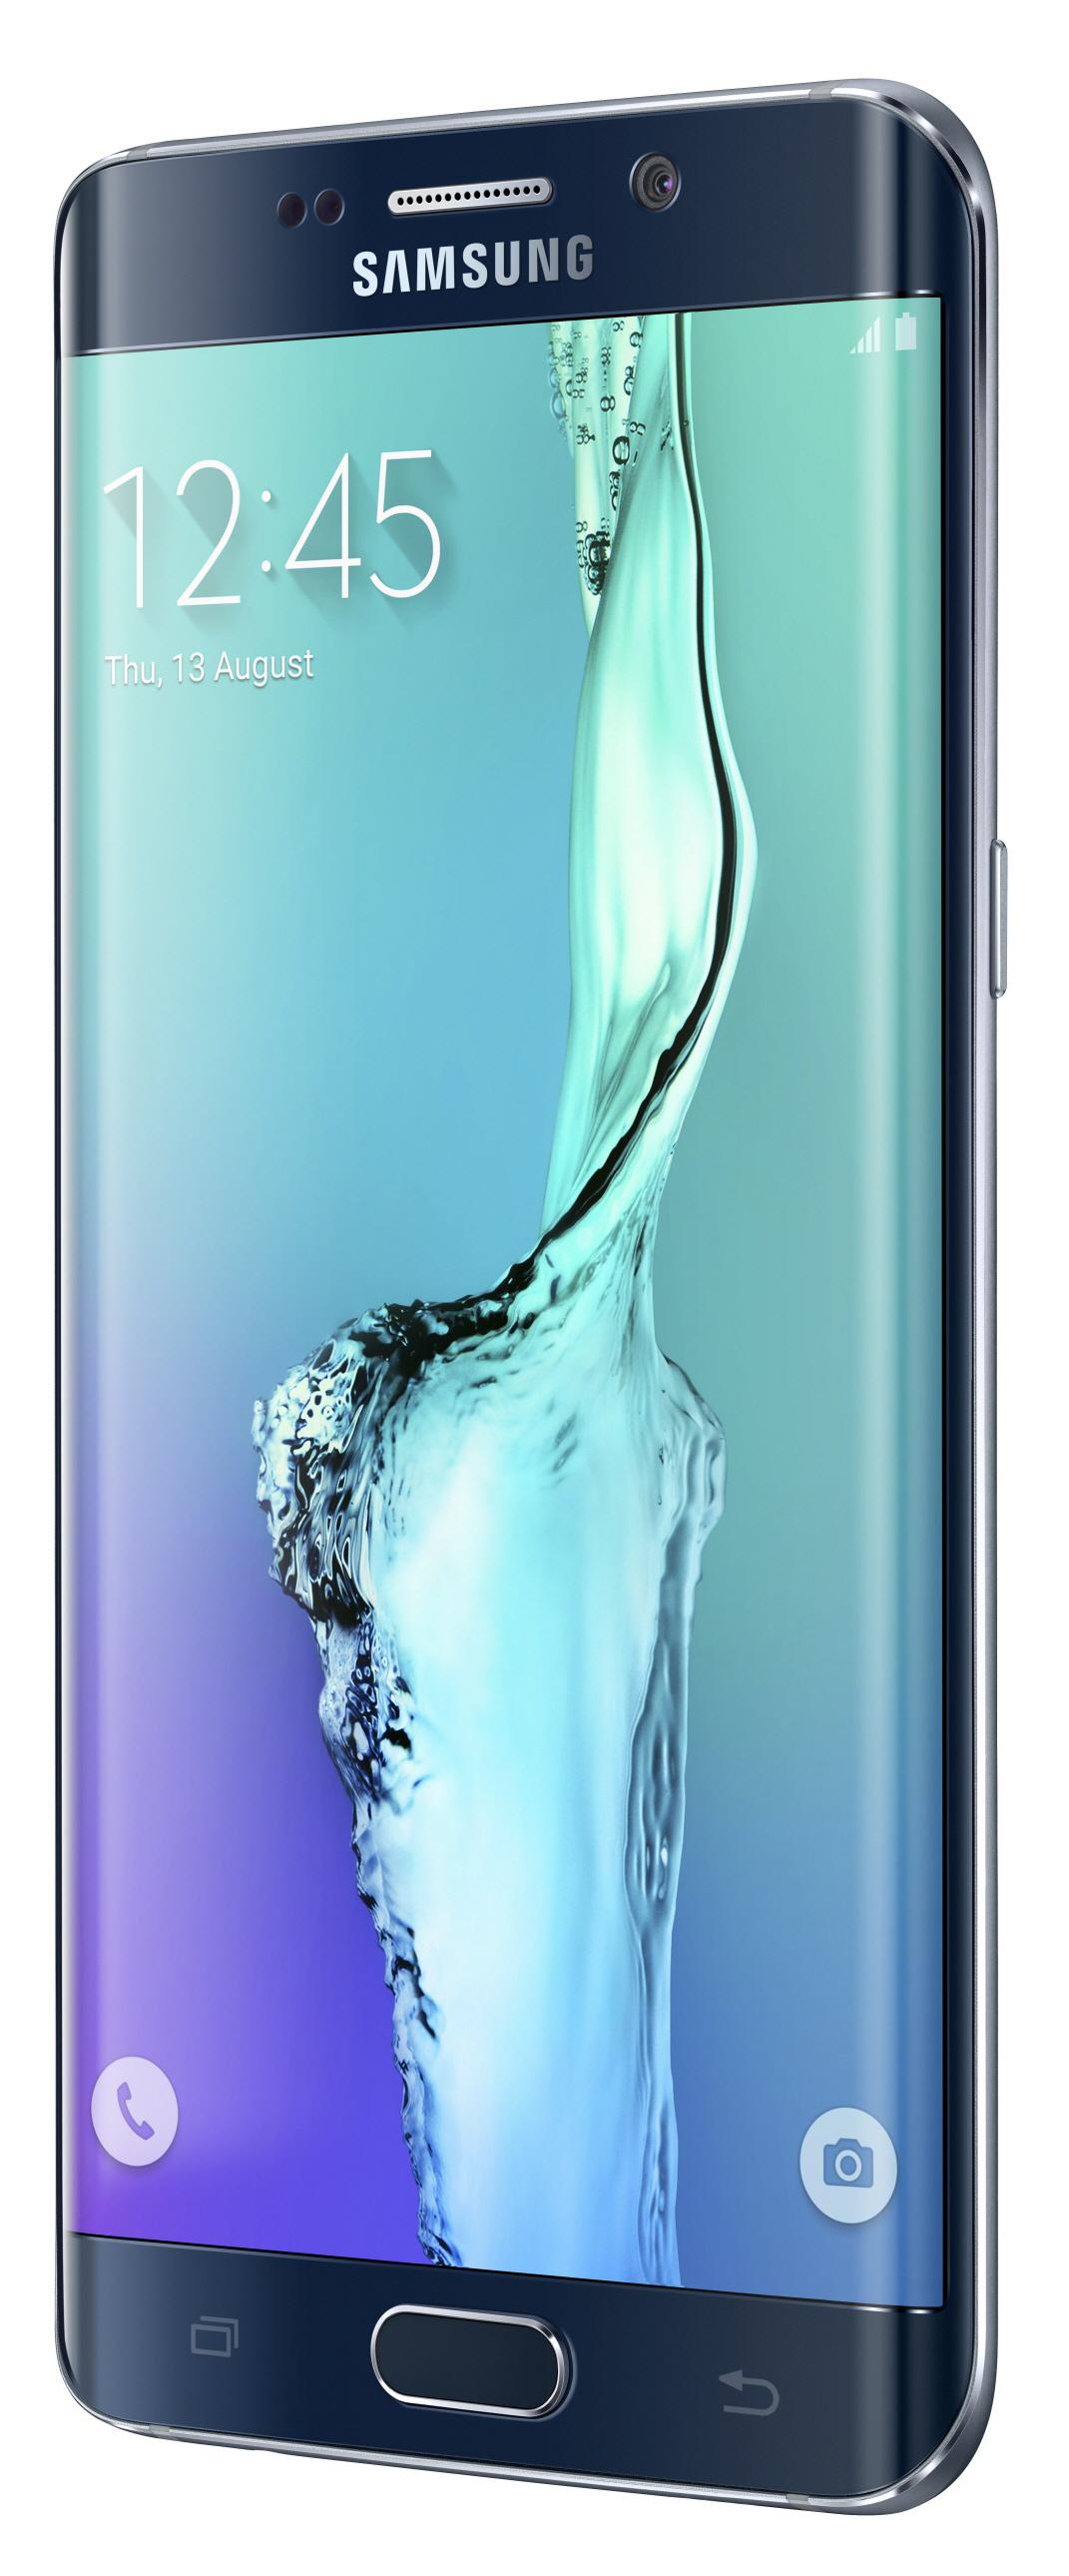 57f305944169e Specs Samsung Galaxy S6 edge+ SM-G928F 14.5 cm (5.7